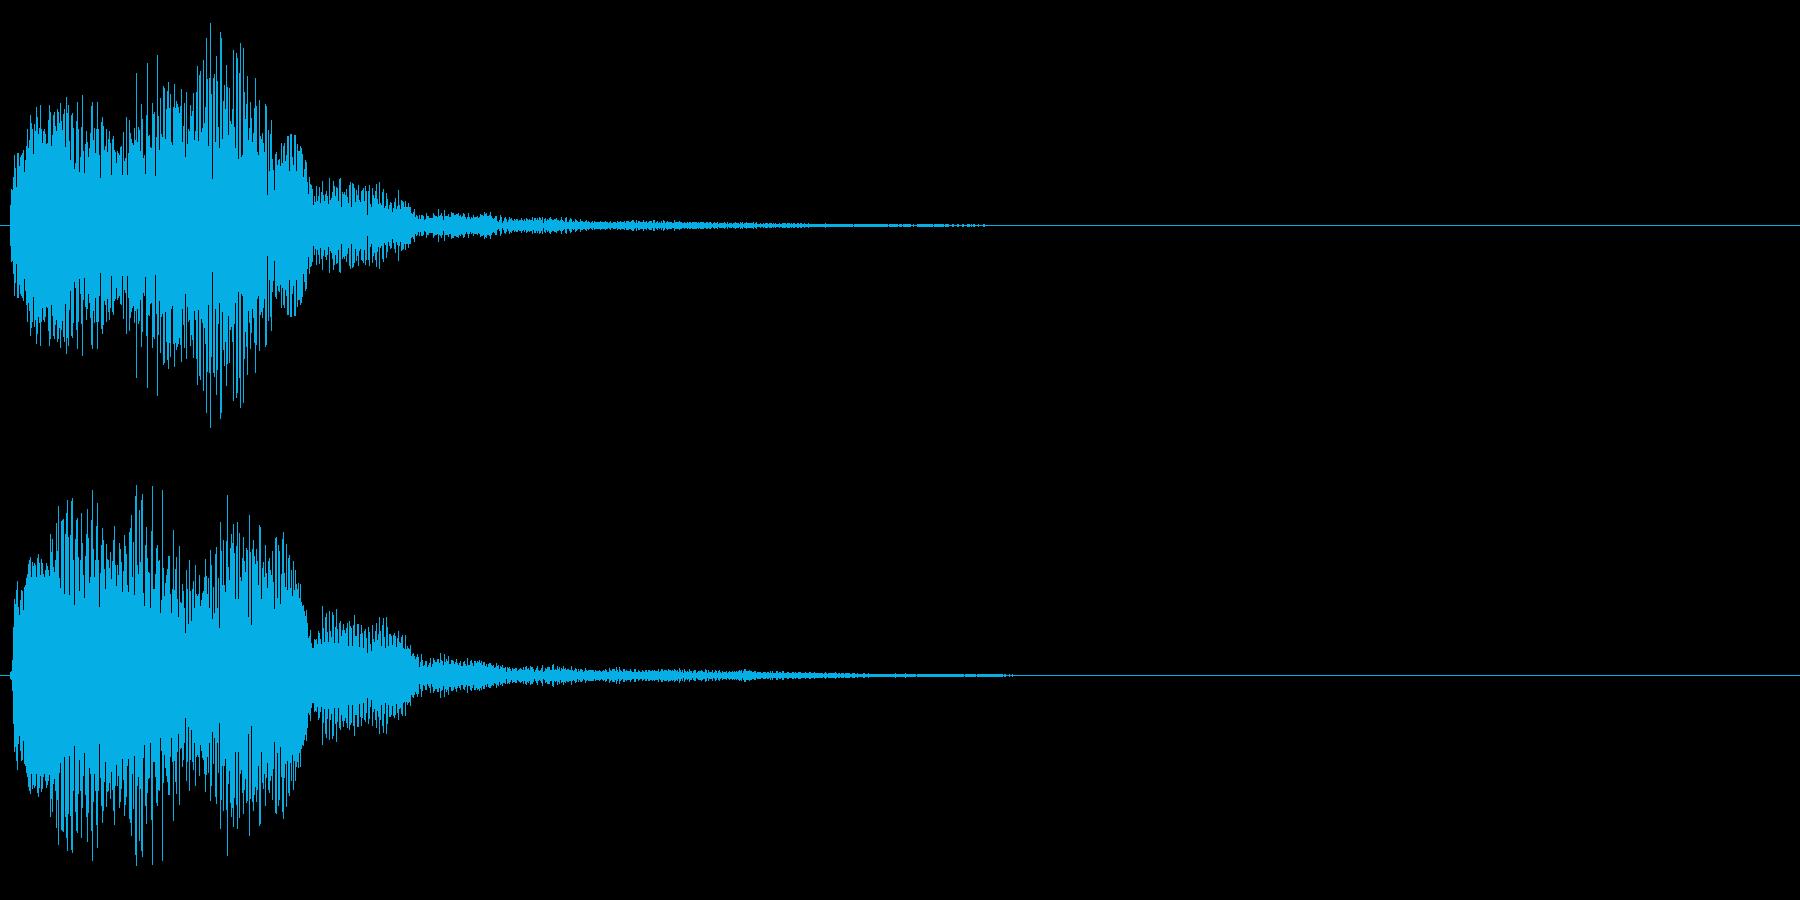 キラリン音A6 2音色×8フレーズの再生済みの波形